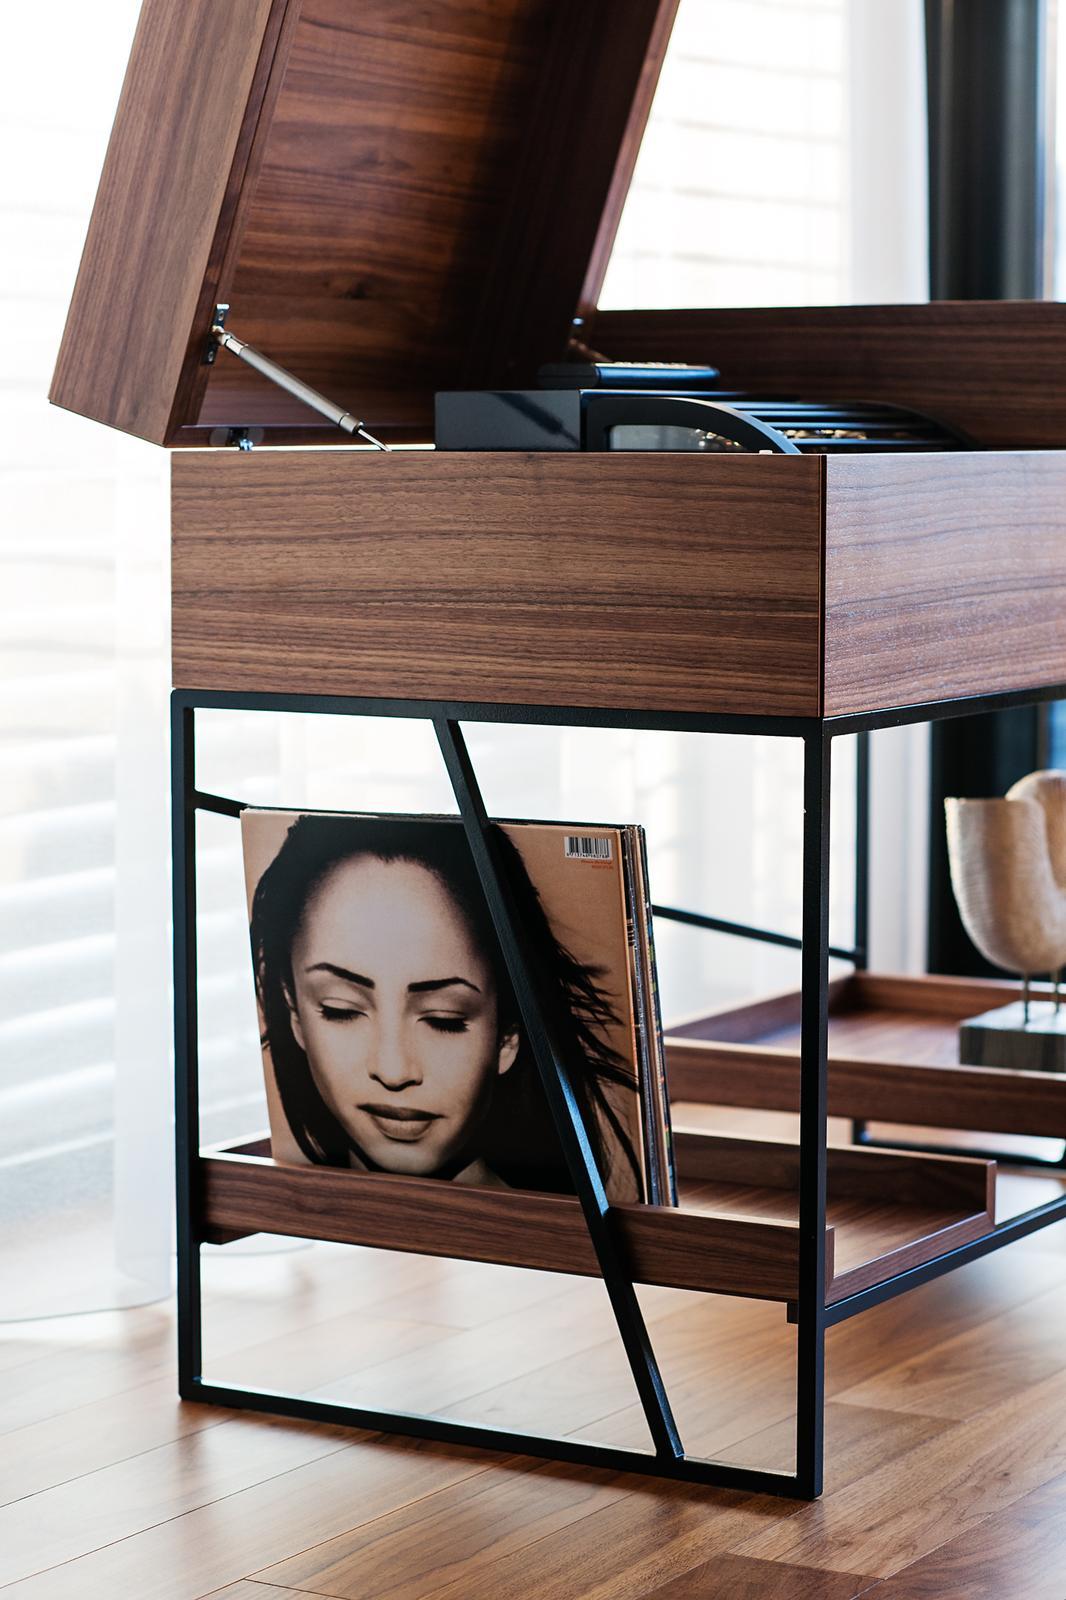 Skrinka na gramofón - americký orech - Skrinka na gramofón, audio a vinylové platne, prevedenie orech a čierna oceľ. Design a výroba Cubica